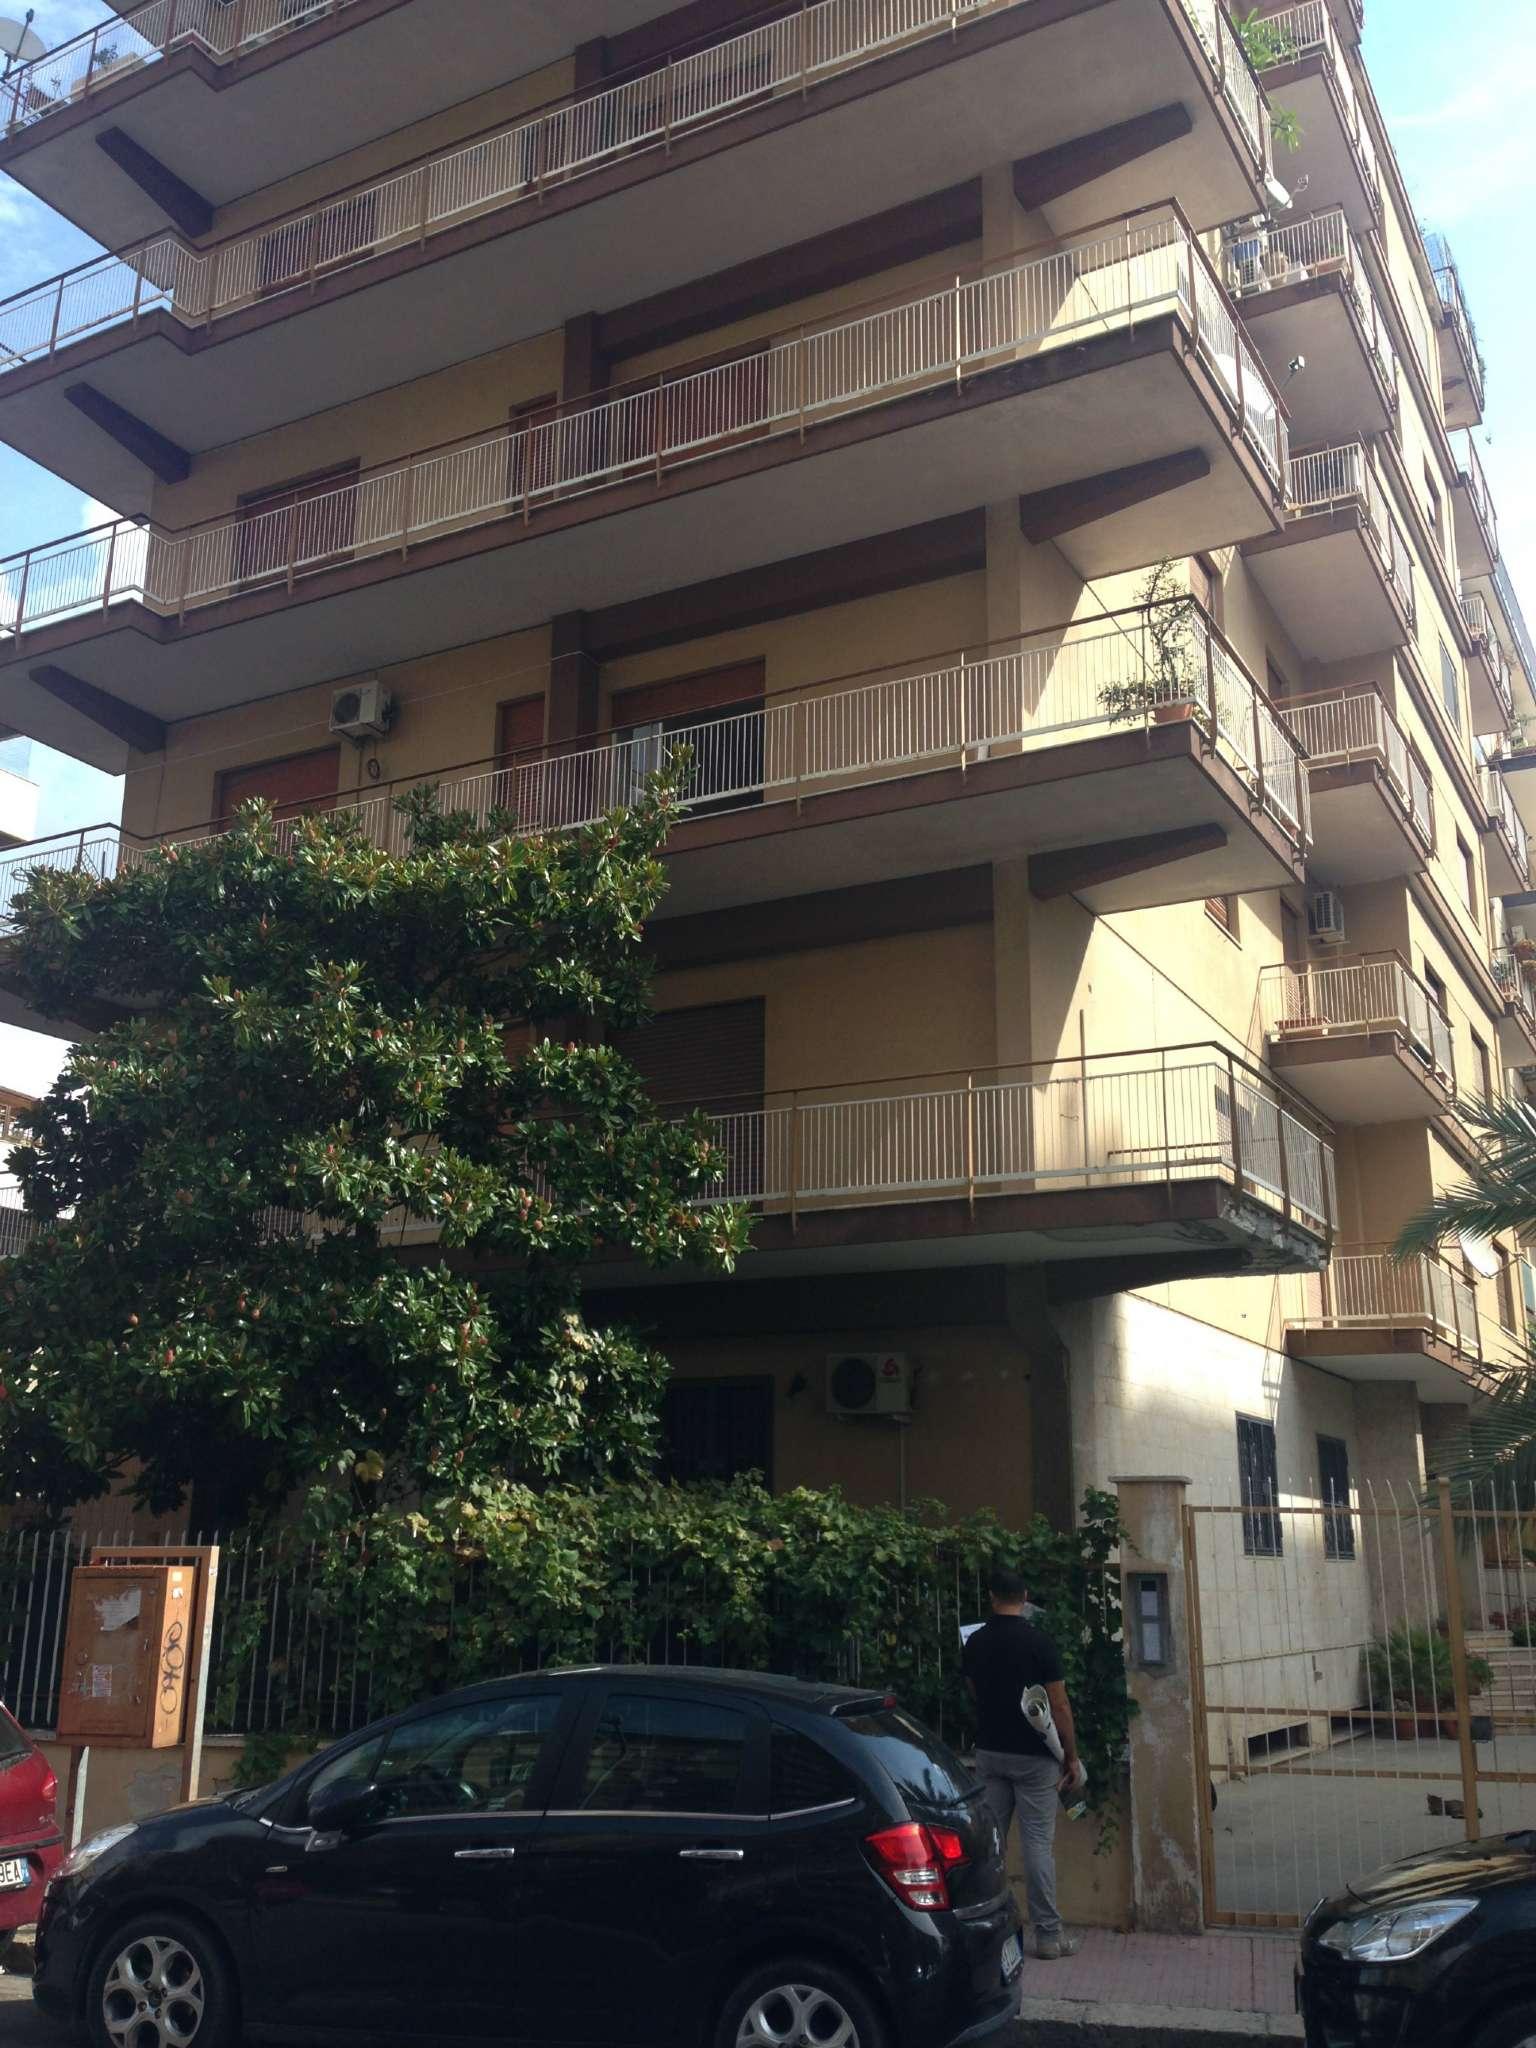 Appartamento in Vendita a Palermo:  5 locali, 150 mq  - Foto 1